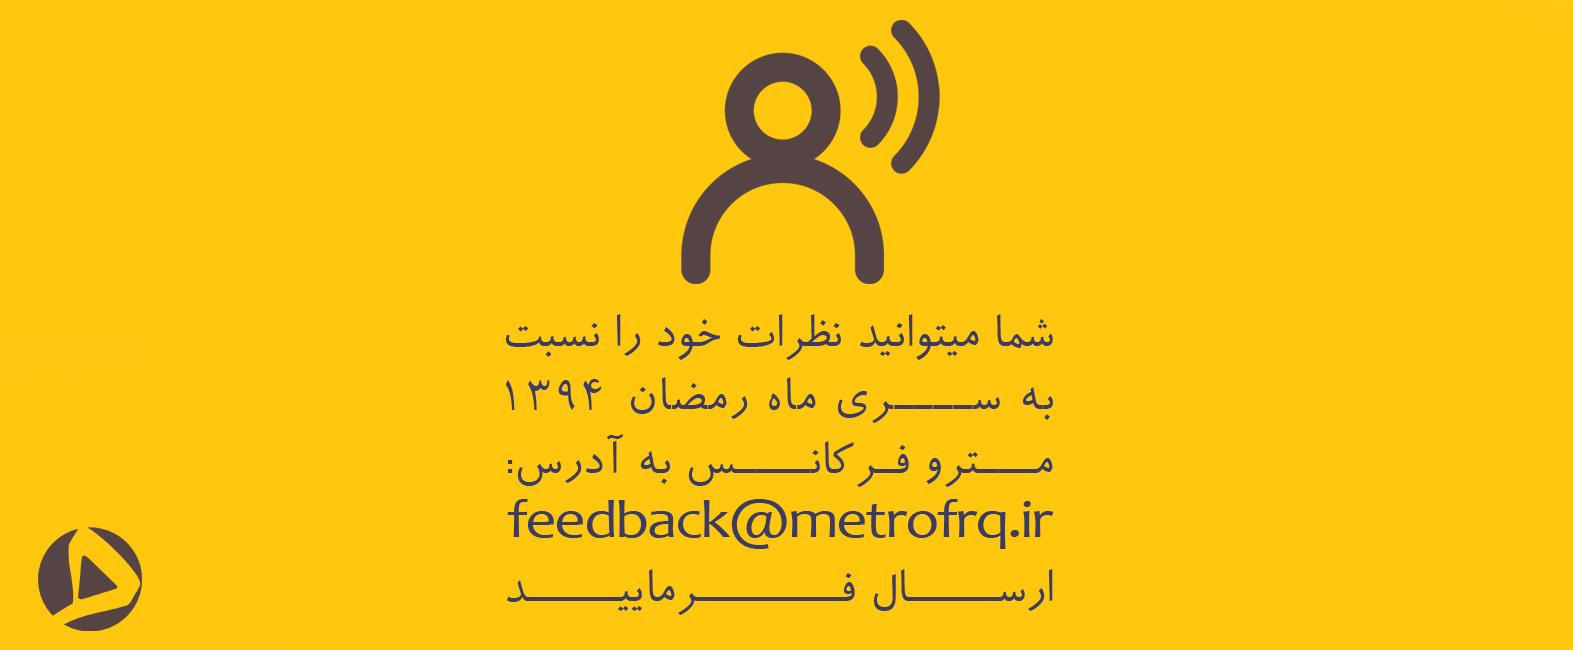 feedback site